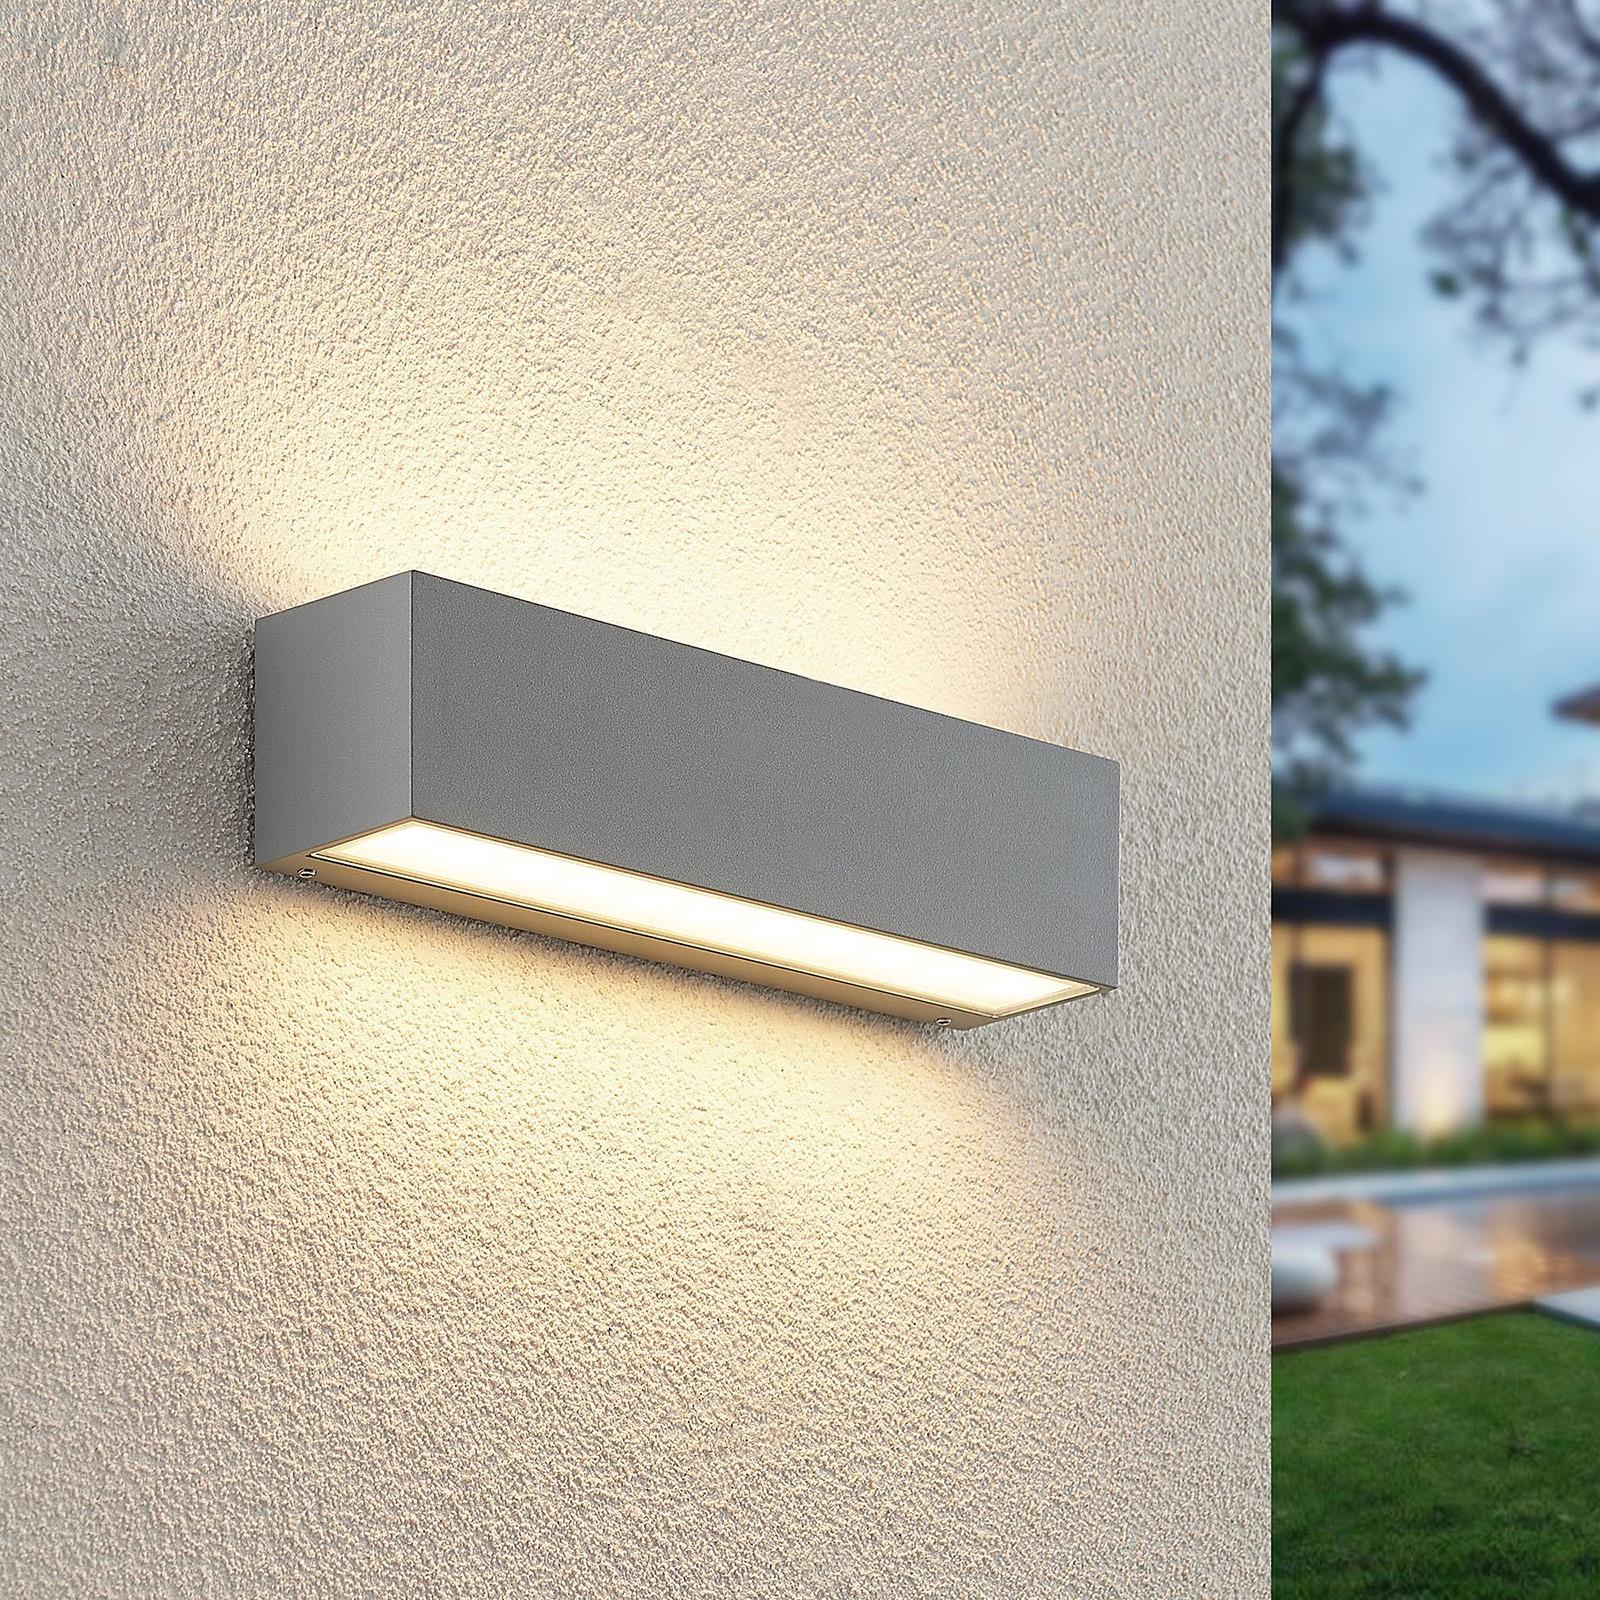 Lucande Lengo-LED-seinävalo 25cm hopea 2 lamppua